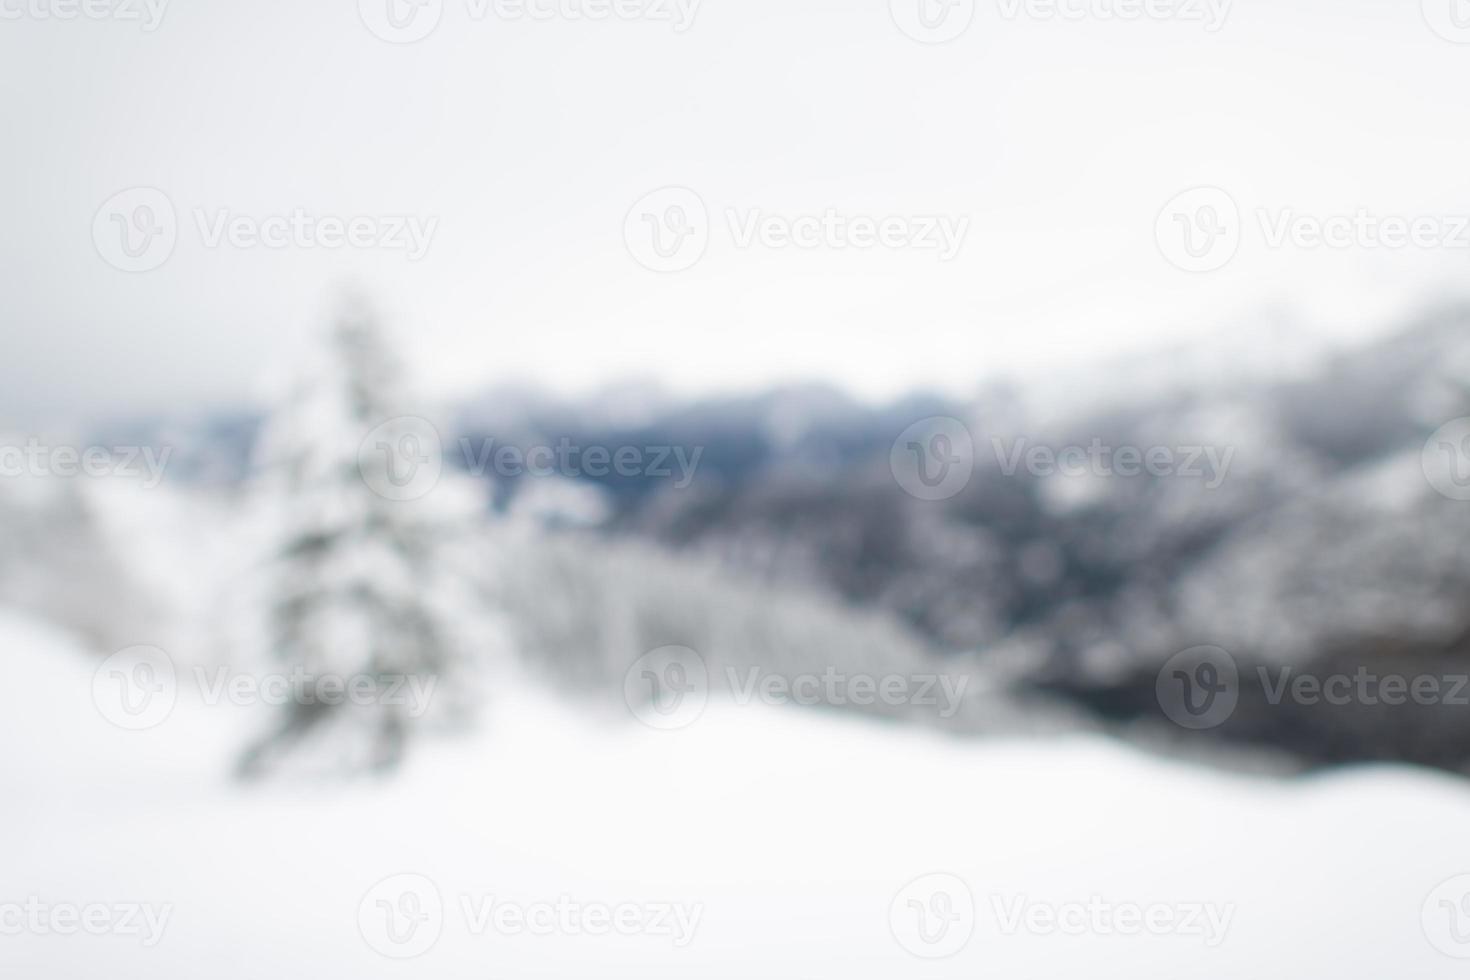 ongericht achtergrondafbeelding. winterlandschap na sneeuwval foto